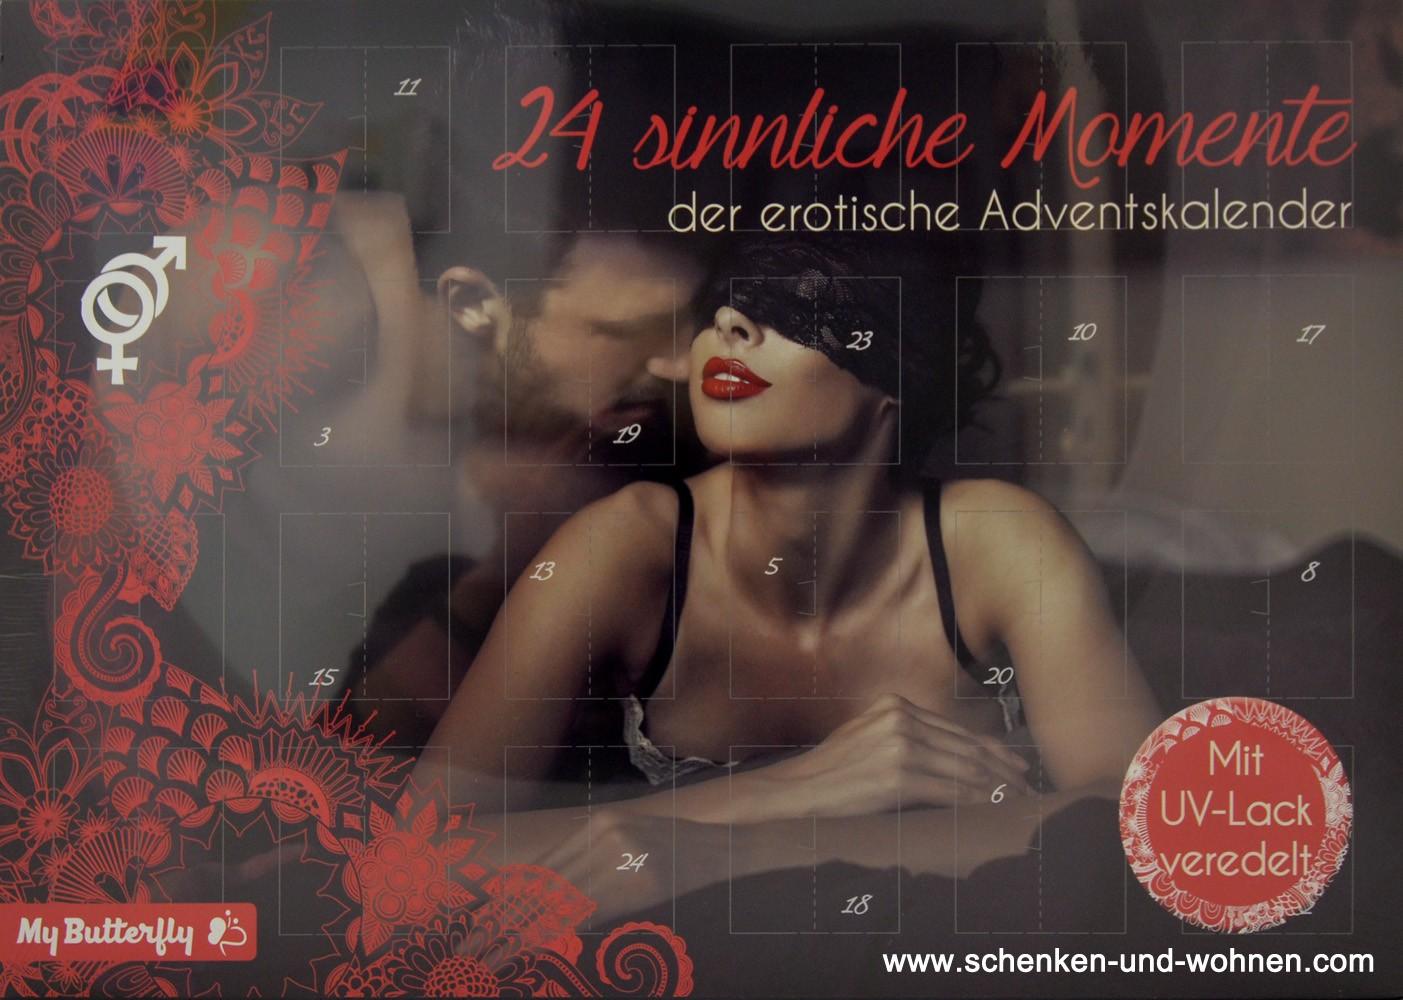 """Erotik-Adventskalender """"24 sinnliche Momente"""" 50 x 35 x 4 cm"""